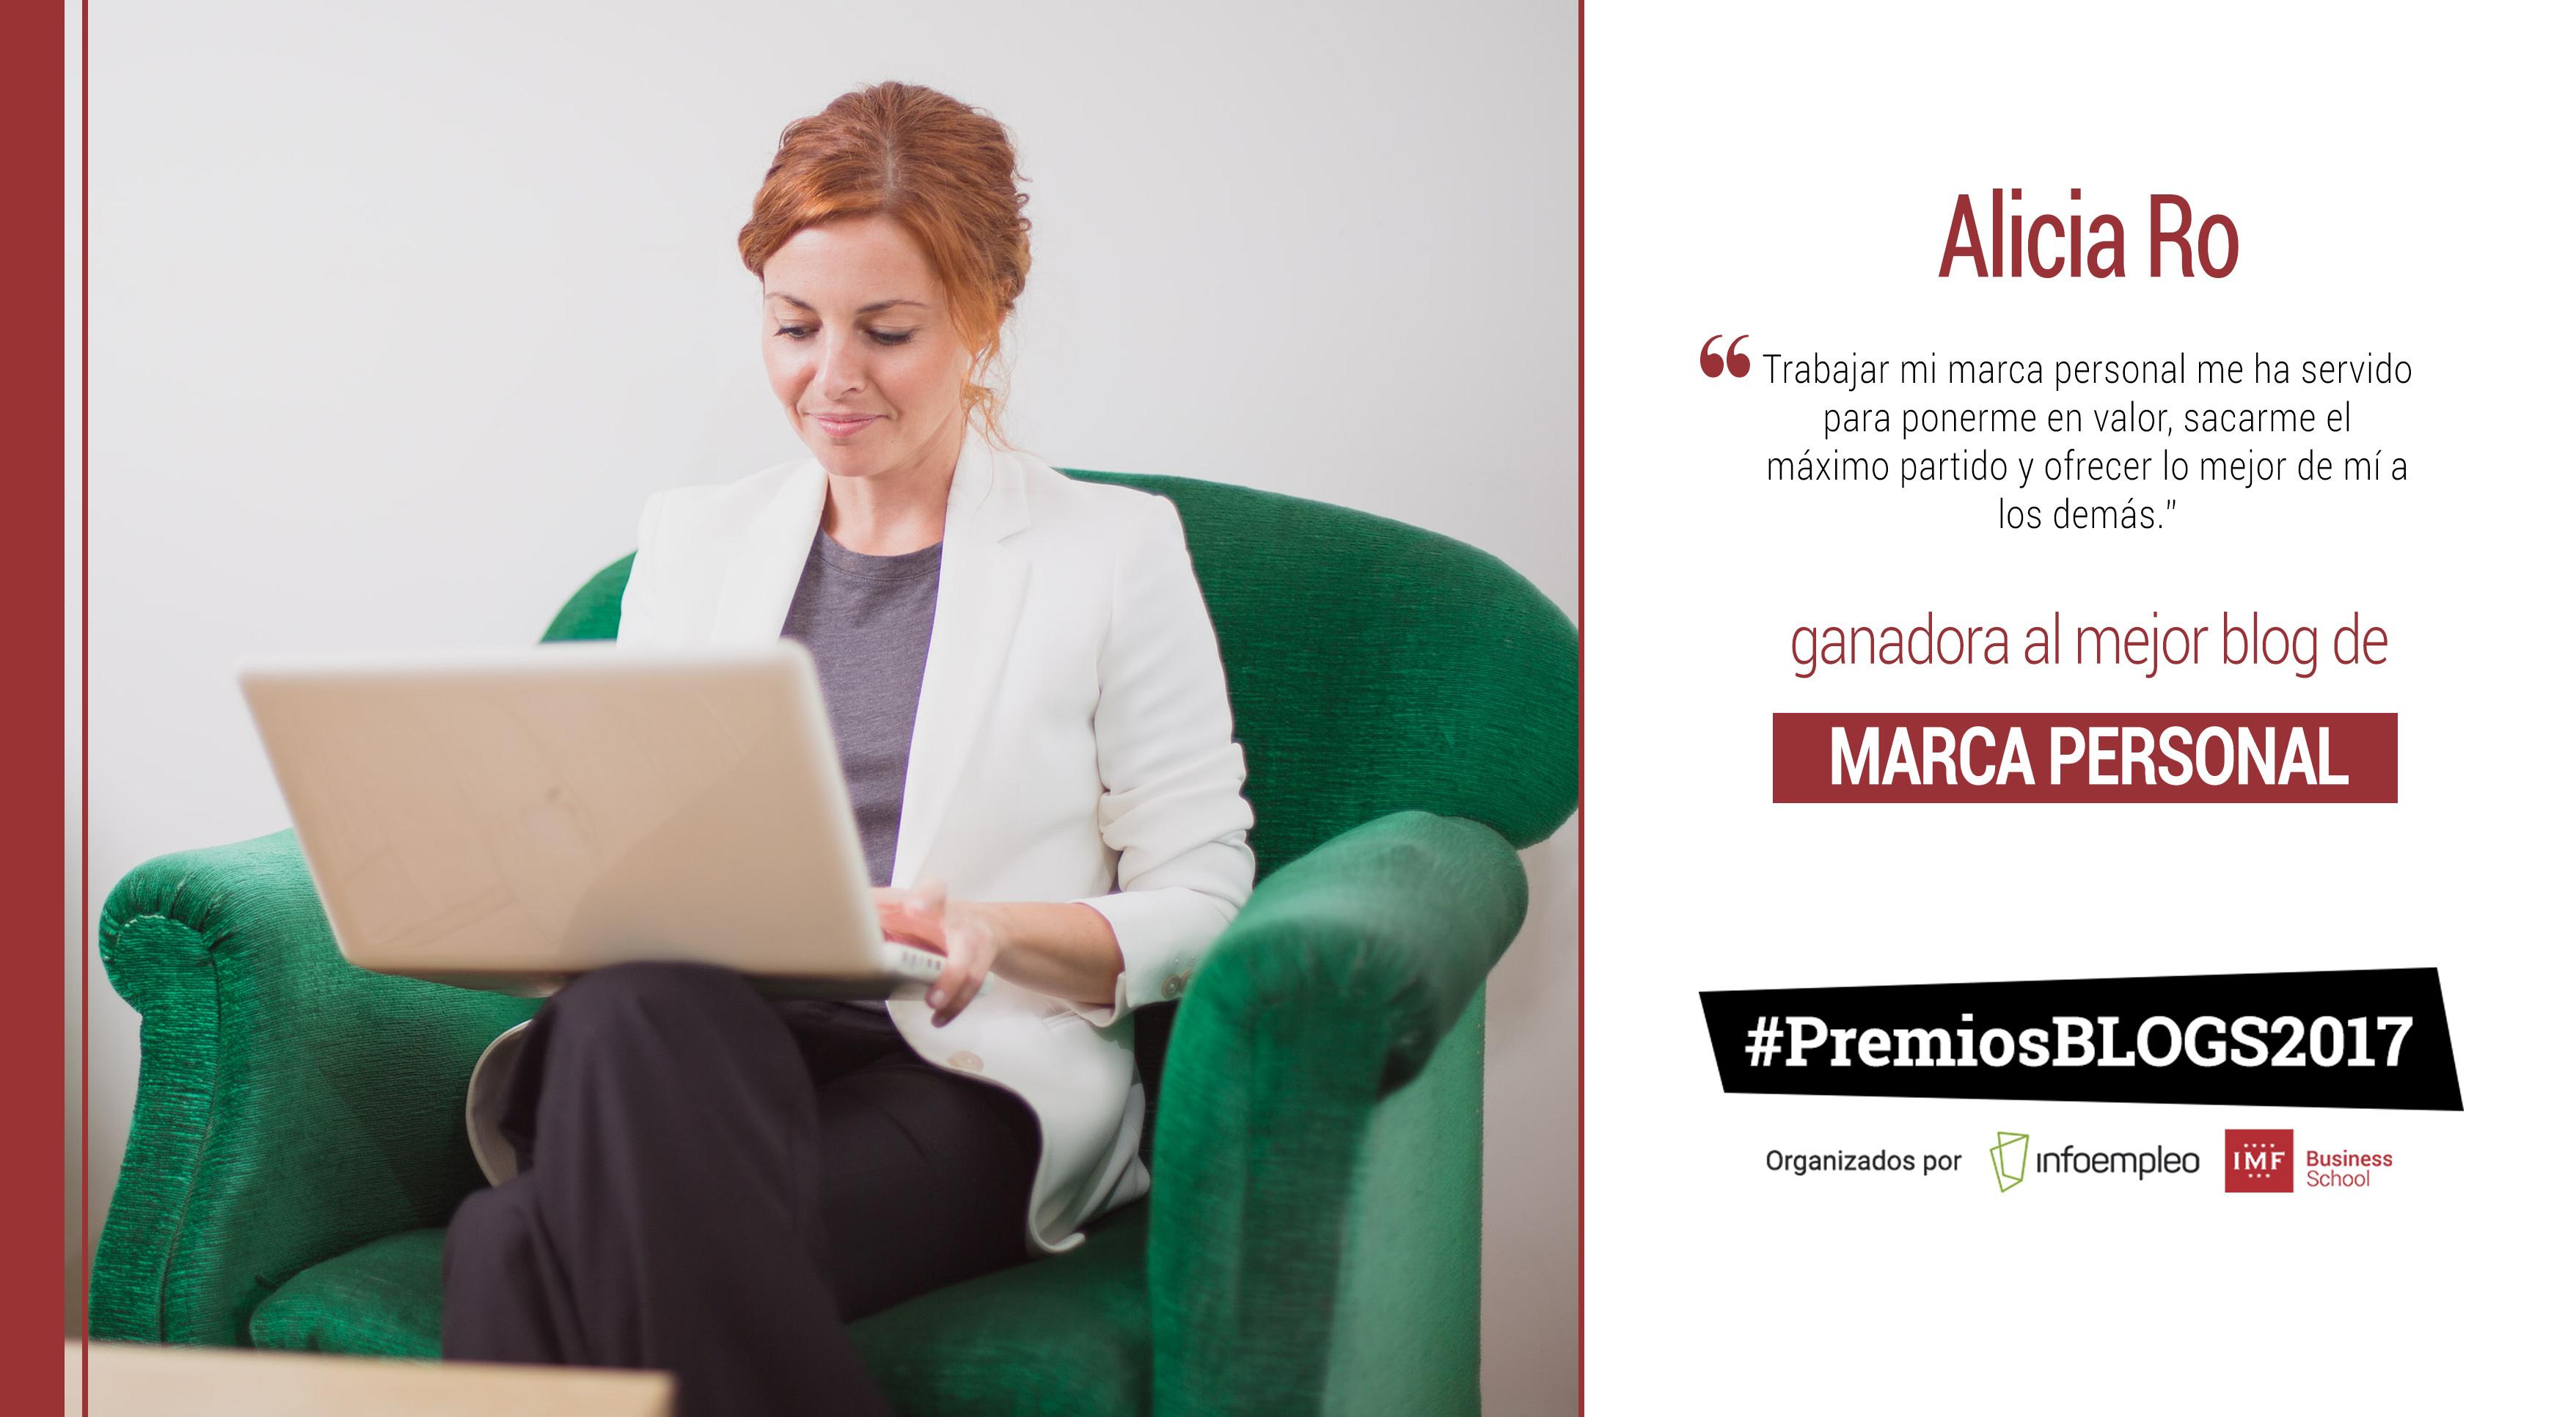 alicia-ro-ganadora-blog-marca-personal Alicia Ro, mejor blog de marca personal en los #PremiosBlogs2017